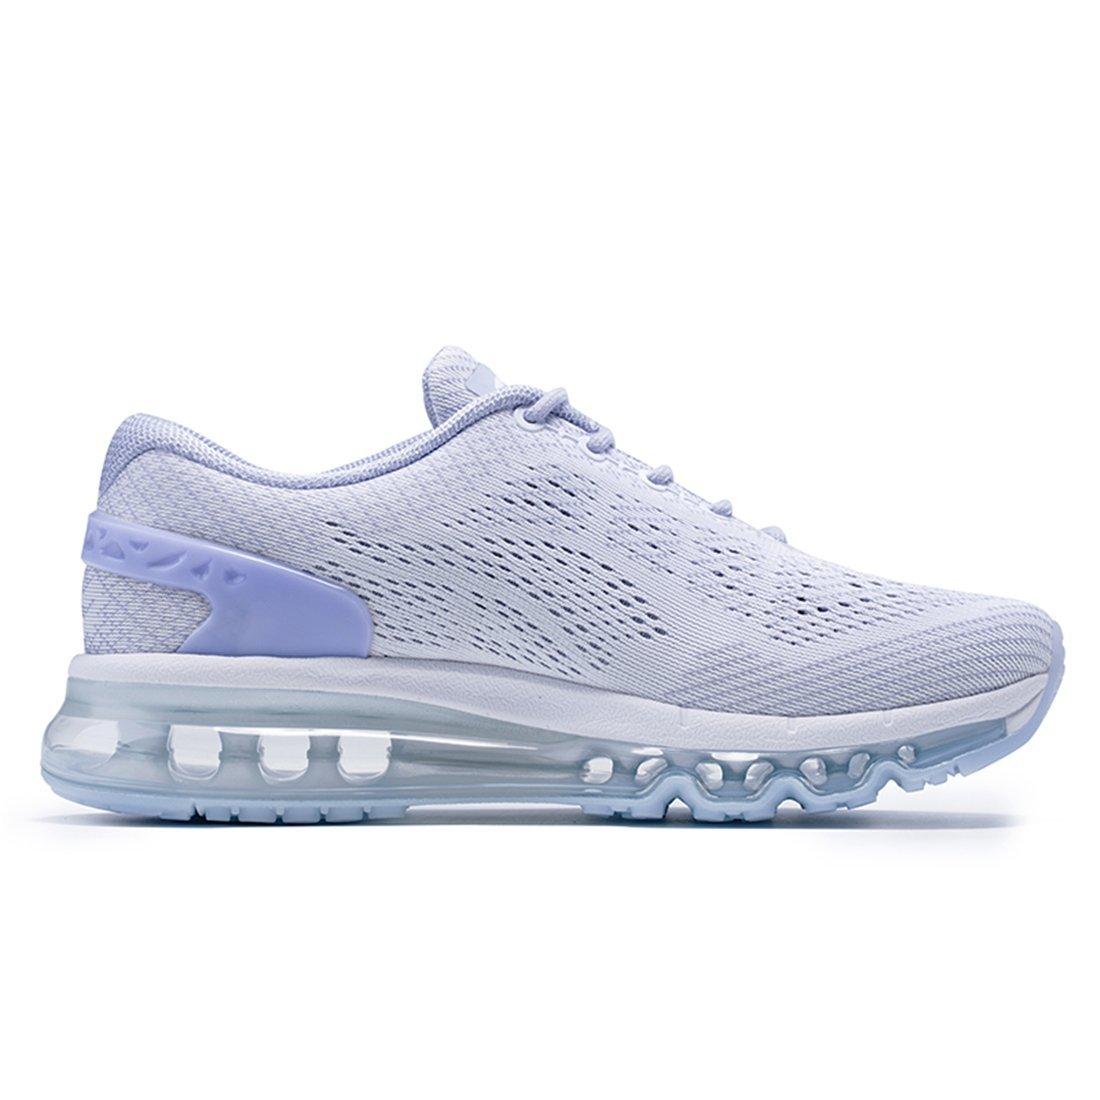 Zapatillas de Correr con Malla de Aire Transpirable y dise/ño de leng/üeta Especial Onemix Zapatillas de Deporte Ligeras para Mujer